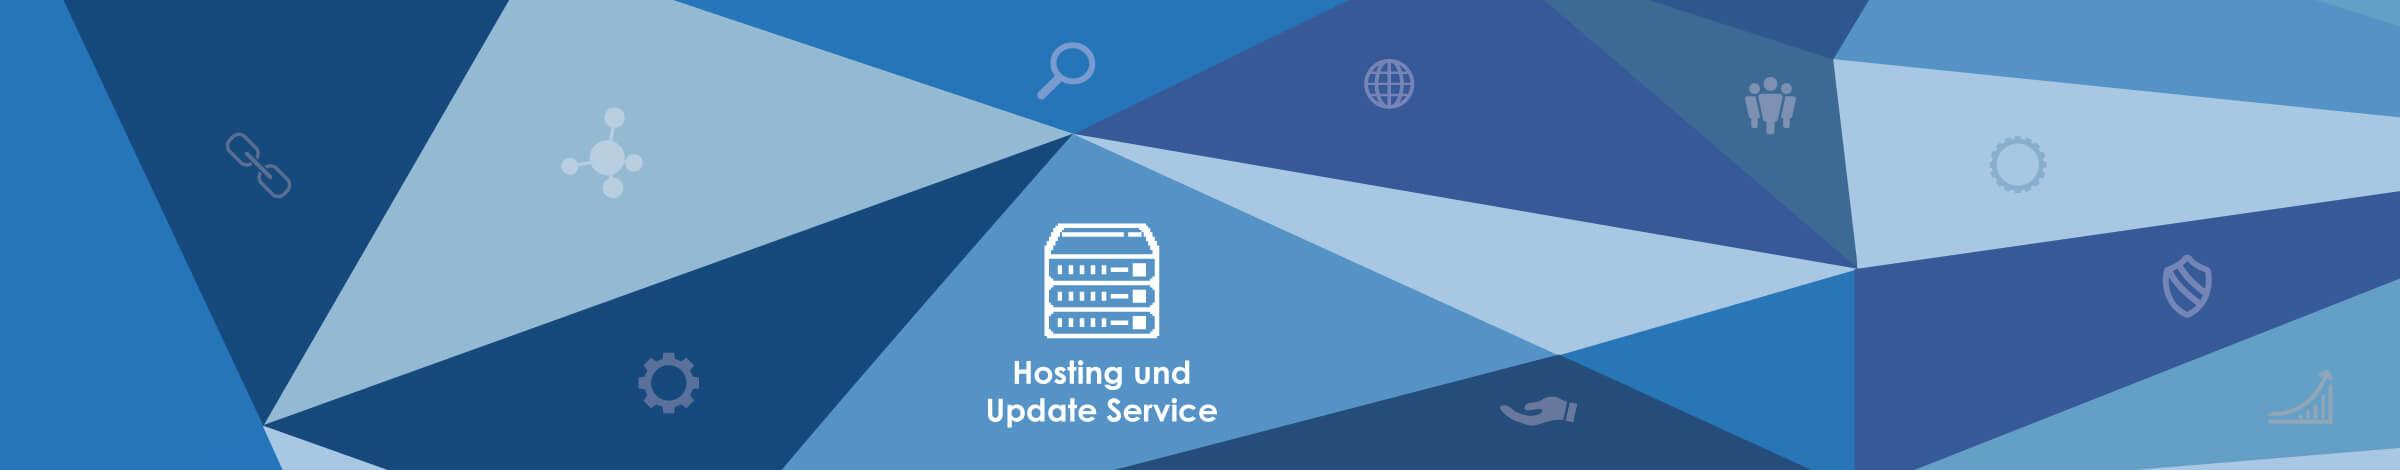 web_updates_kmu_wuk-ch_Hosting-Update-Service